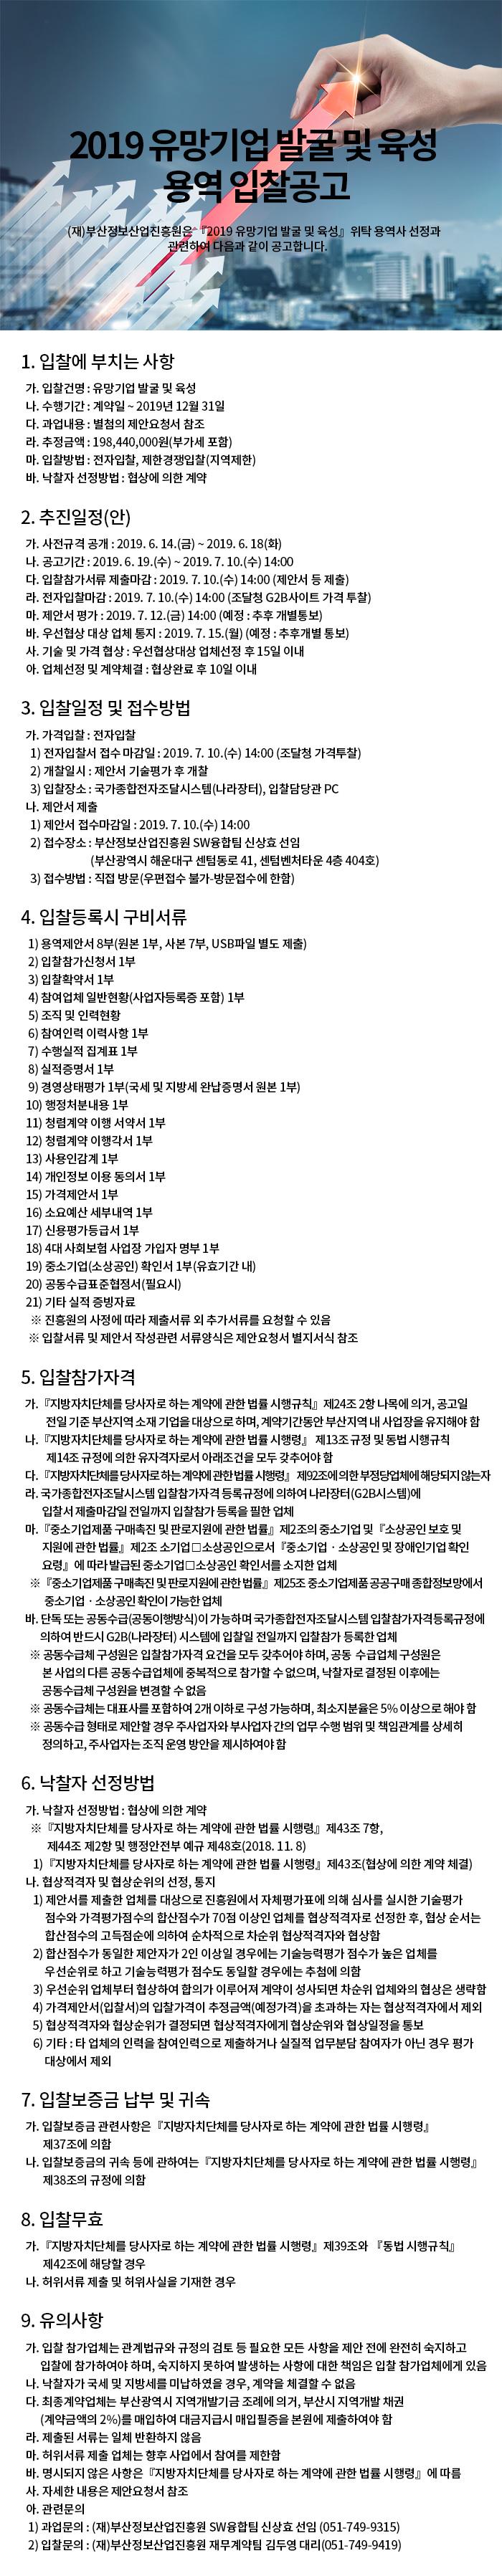 2019 유망기업 발굴 및 육성 입찰공고문